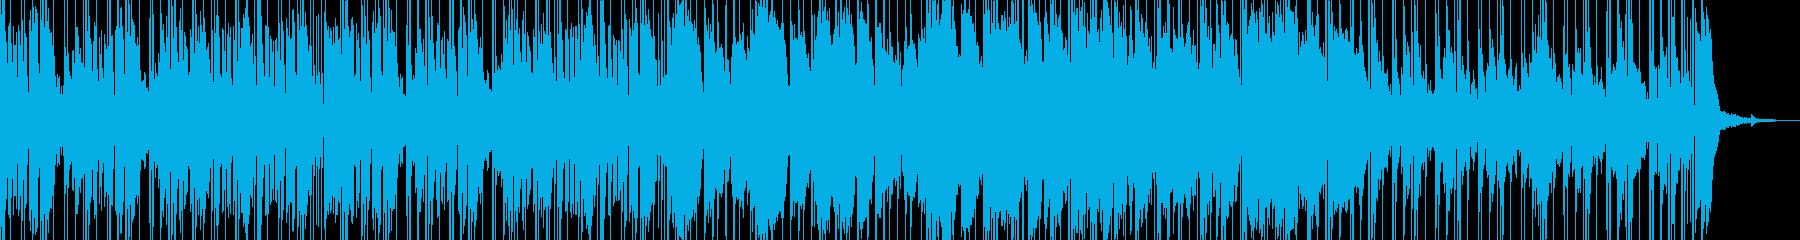 切ないけど熱さもあるソウルポップスの再生済みの波形